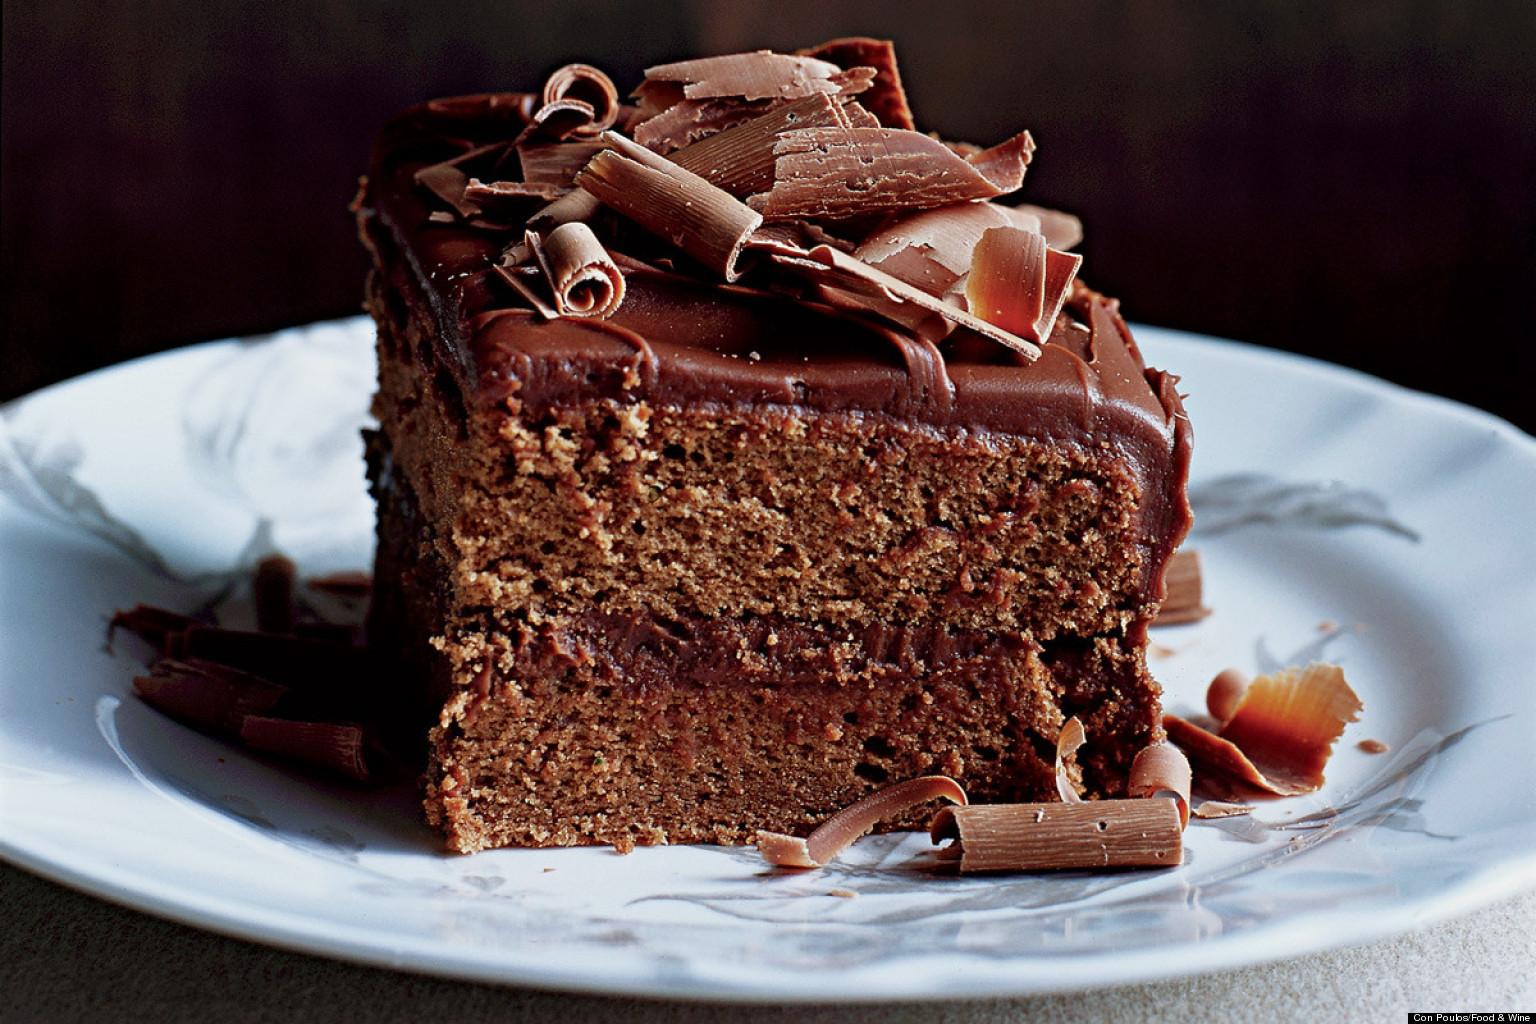 Chocolate Cake Recipe  The Best Chocolate Cake Recipes You ll Ever Make PHOTOS